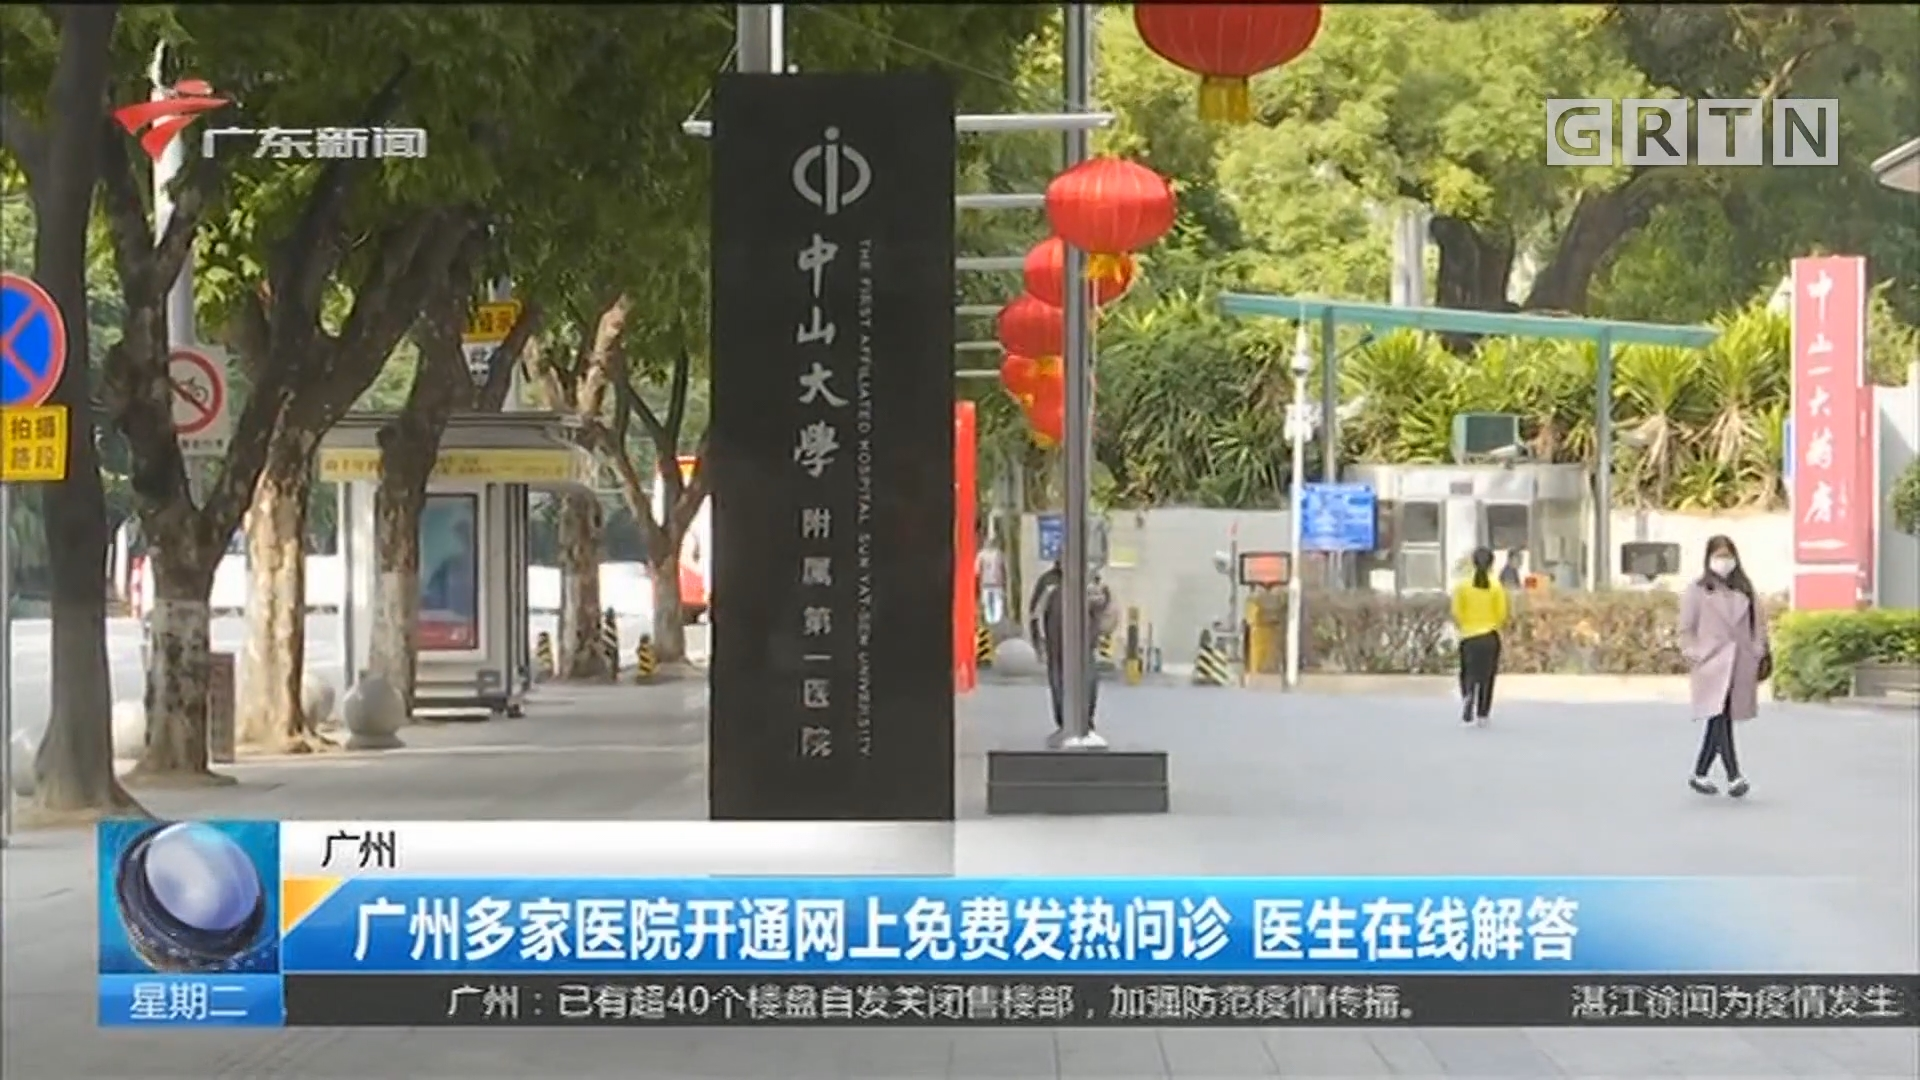 广州:广州多家医院开通网上免费发热问诊 医生在线解答